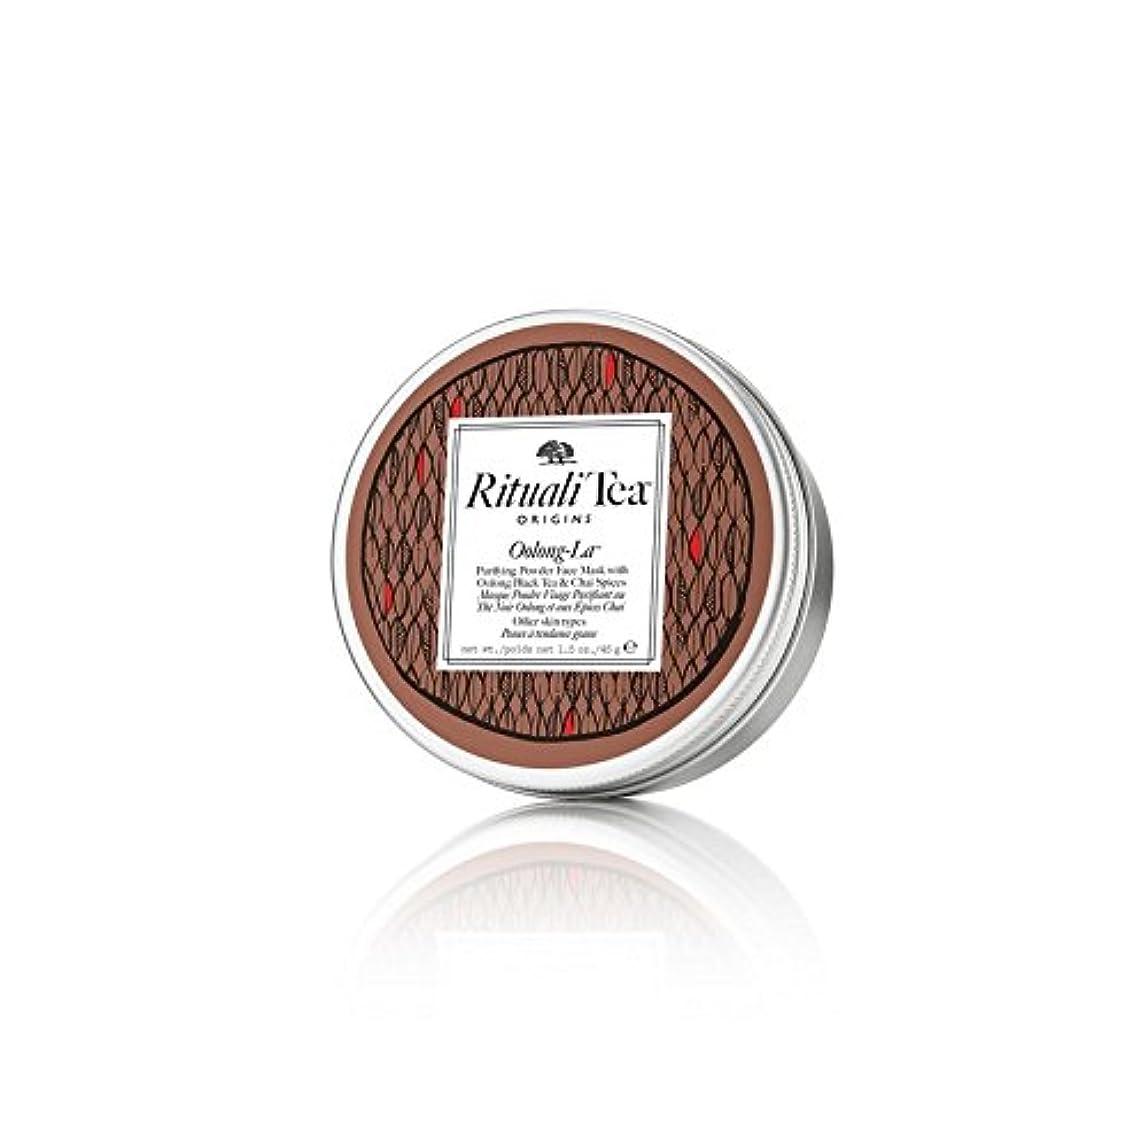 織機ファランクスファランクス起源抹茶フェイスマスク烏龍茶ラ45グラム x2 - Origins Powdered Tea Face Mask Oolong-La 45g (Pack of 2) [並行輸入品]